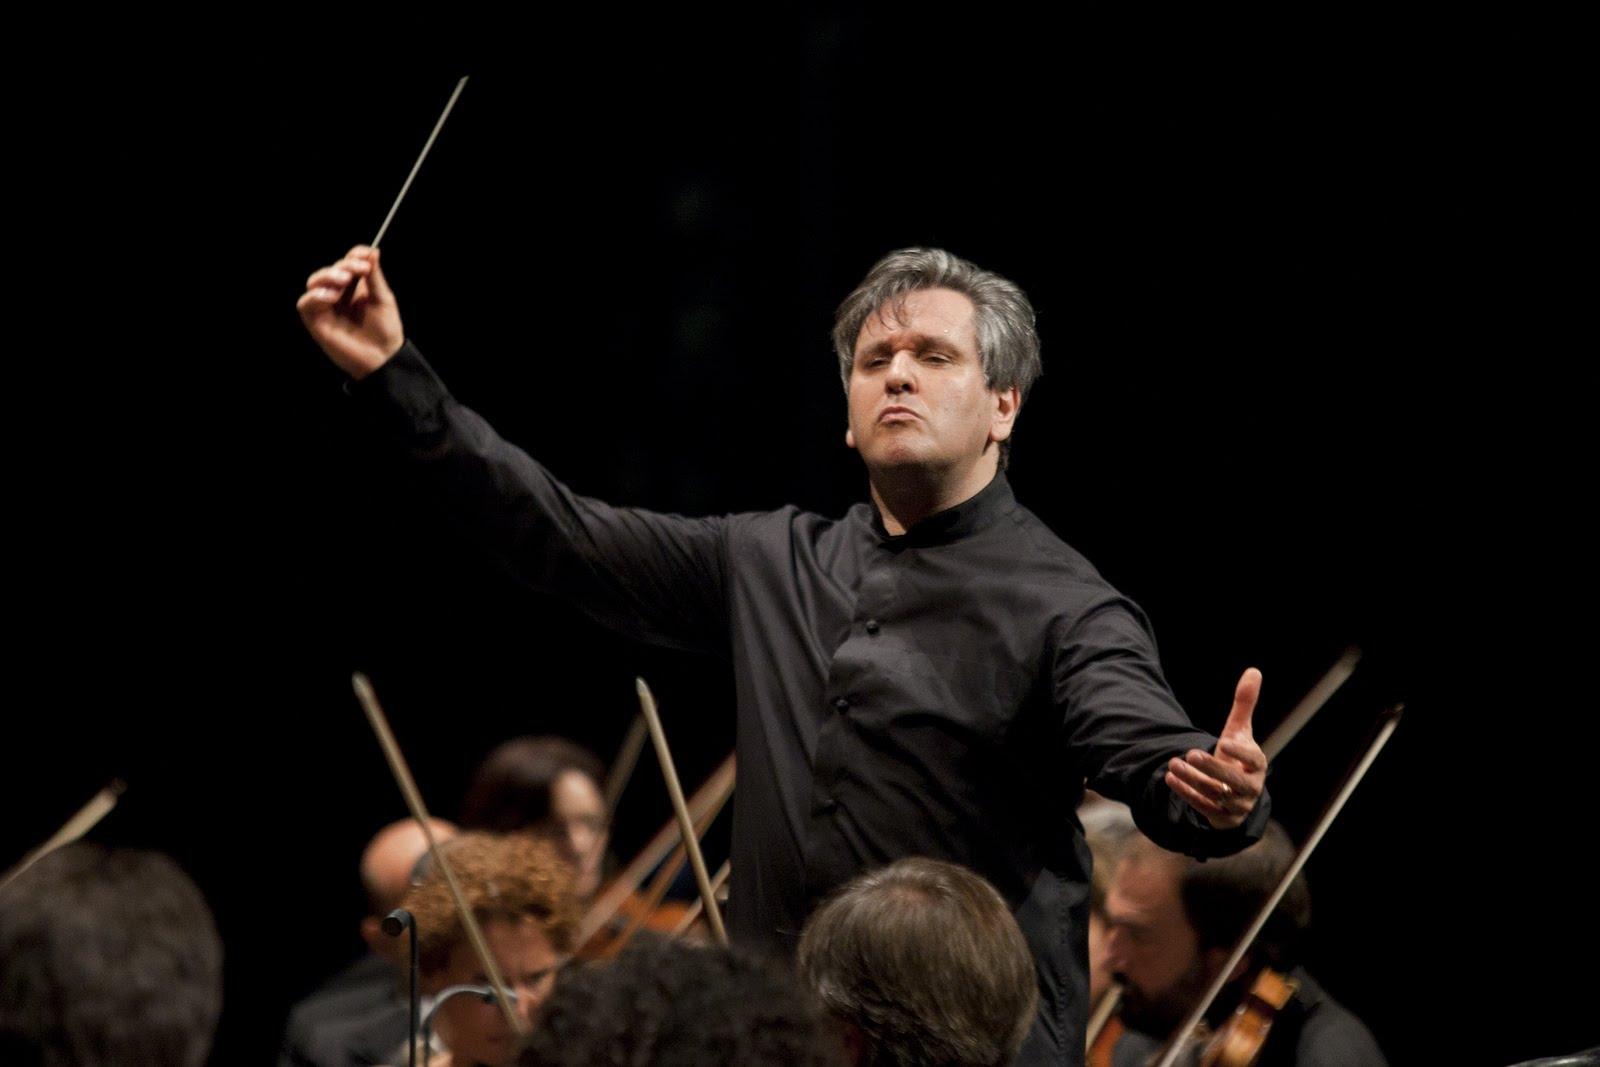 L'Opera in HD al Signorelli, debutto con 'I due Foscari'